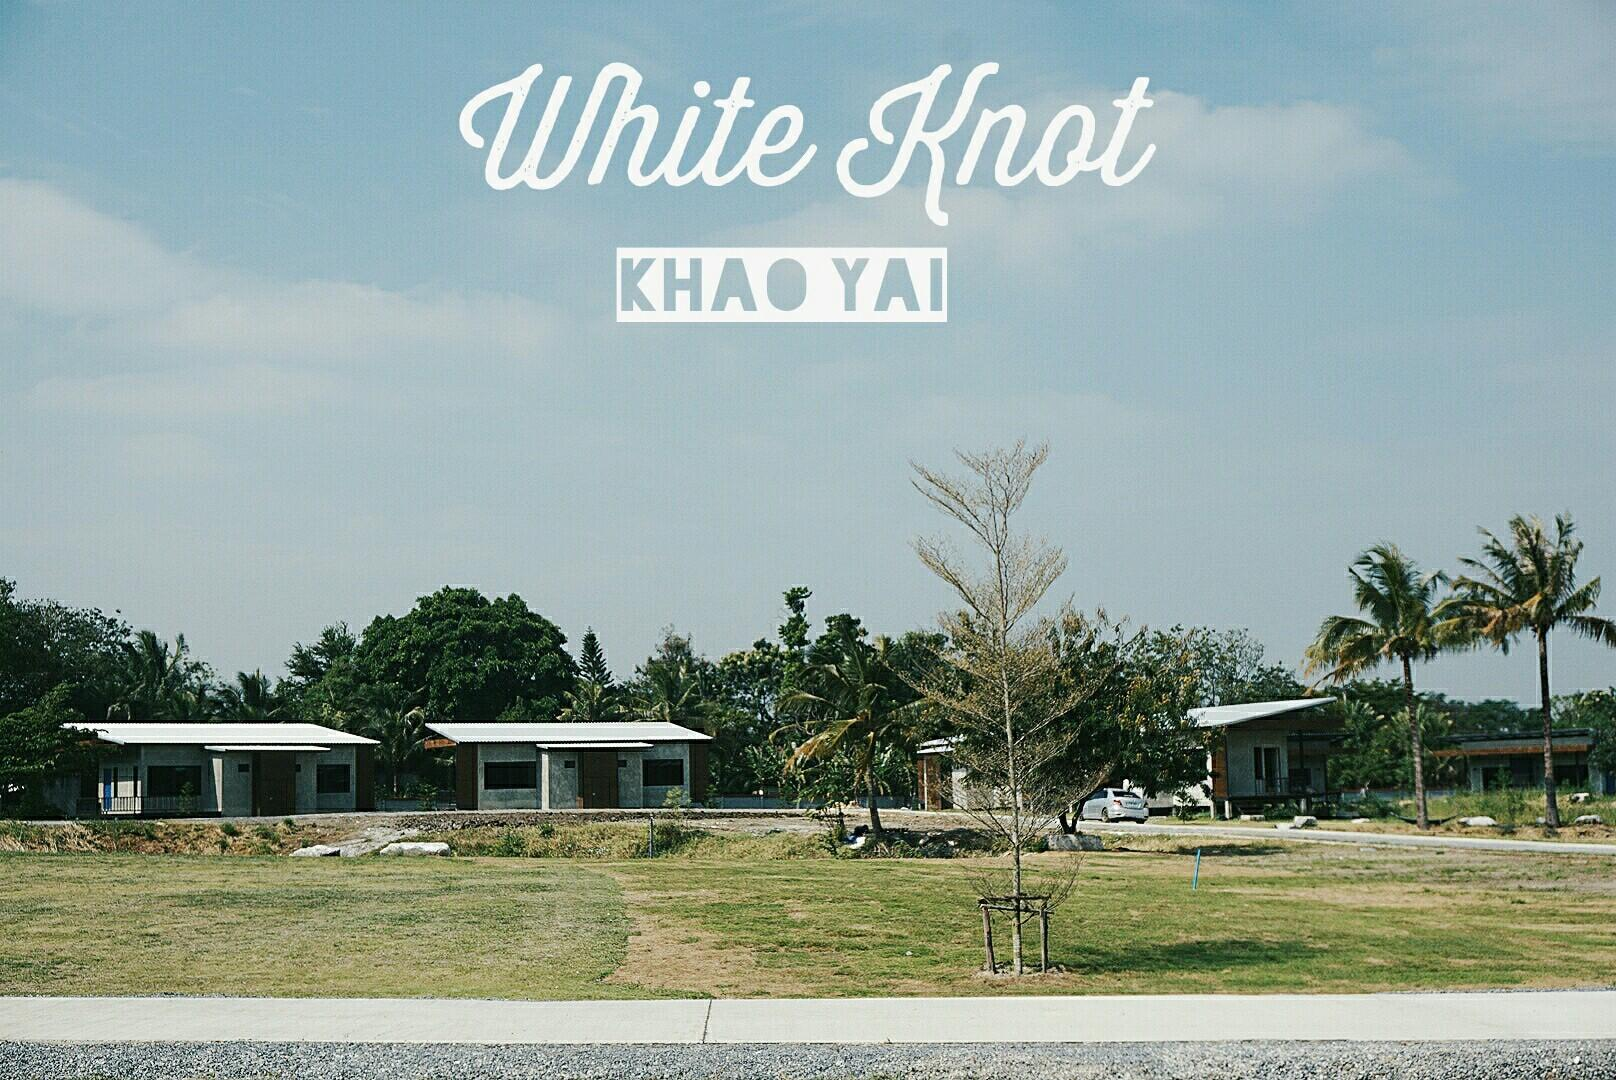 White Knot Khao Yai